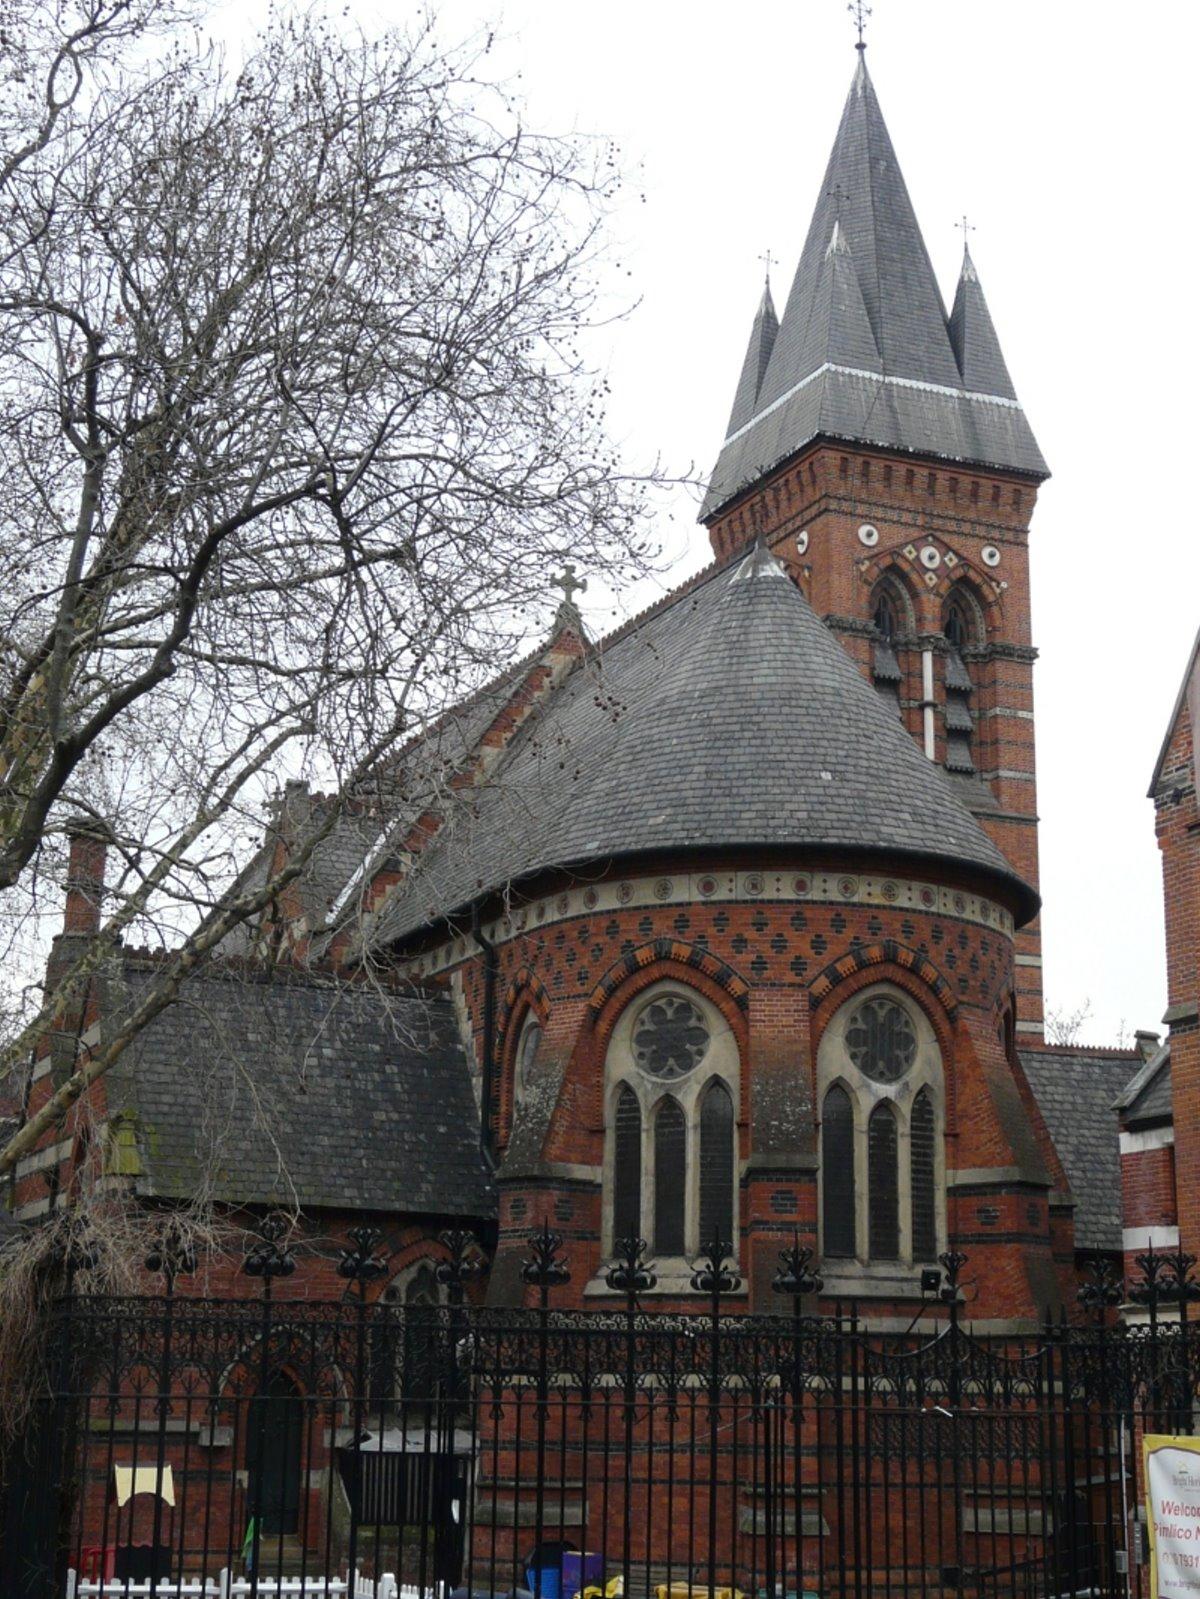 Εκκλησία St James the Less στο Λονδίνο, Αγγλία